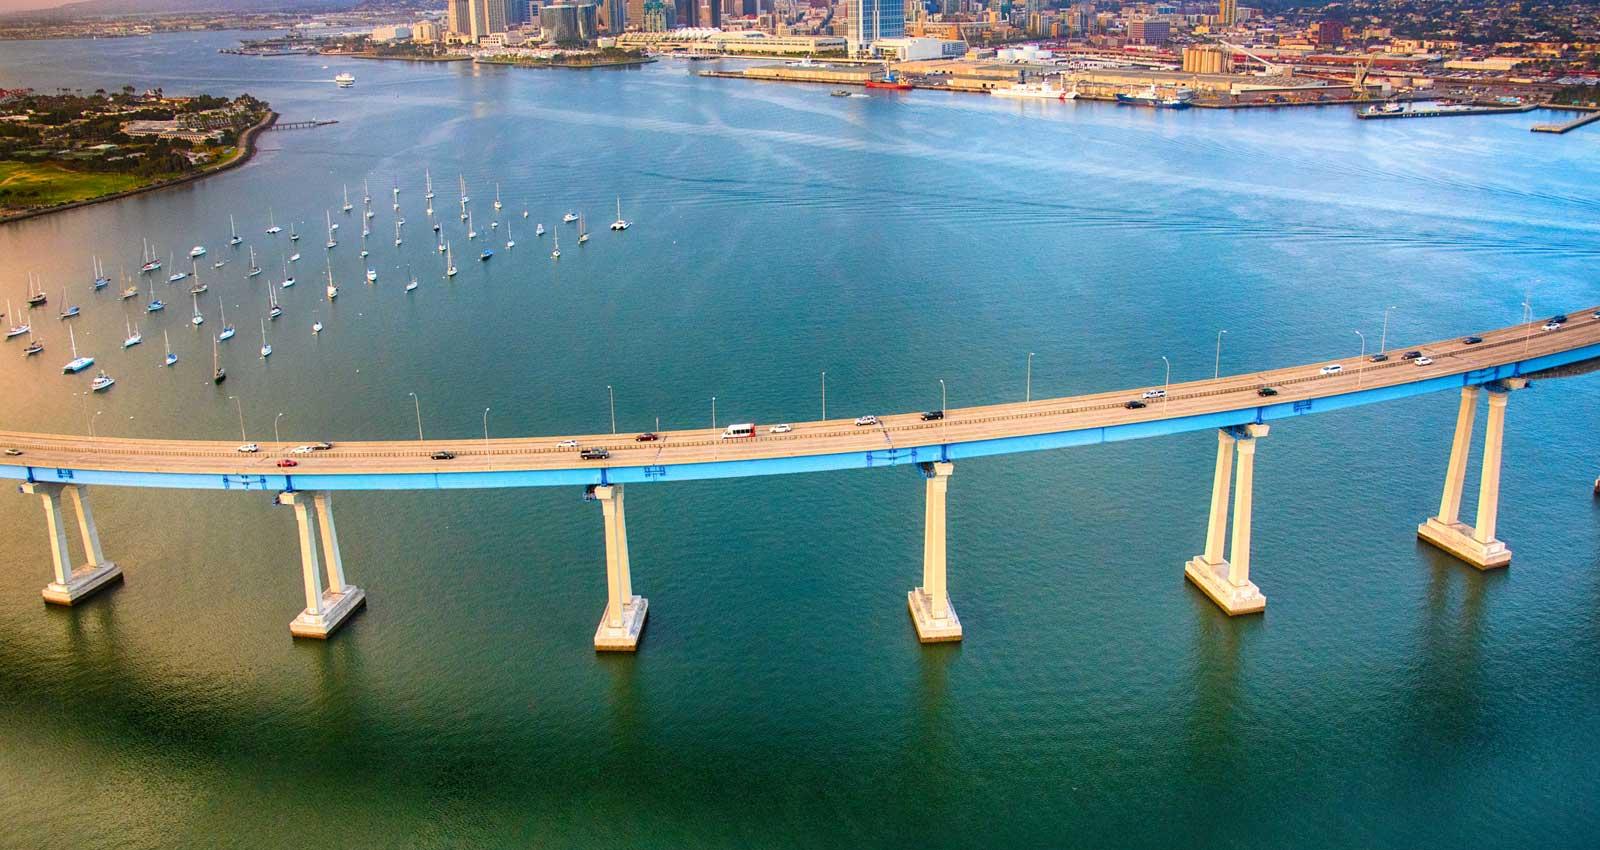 aerial view of San Diego, CA bridge